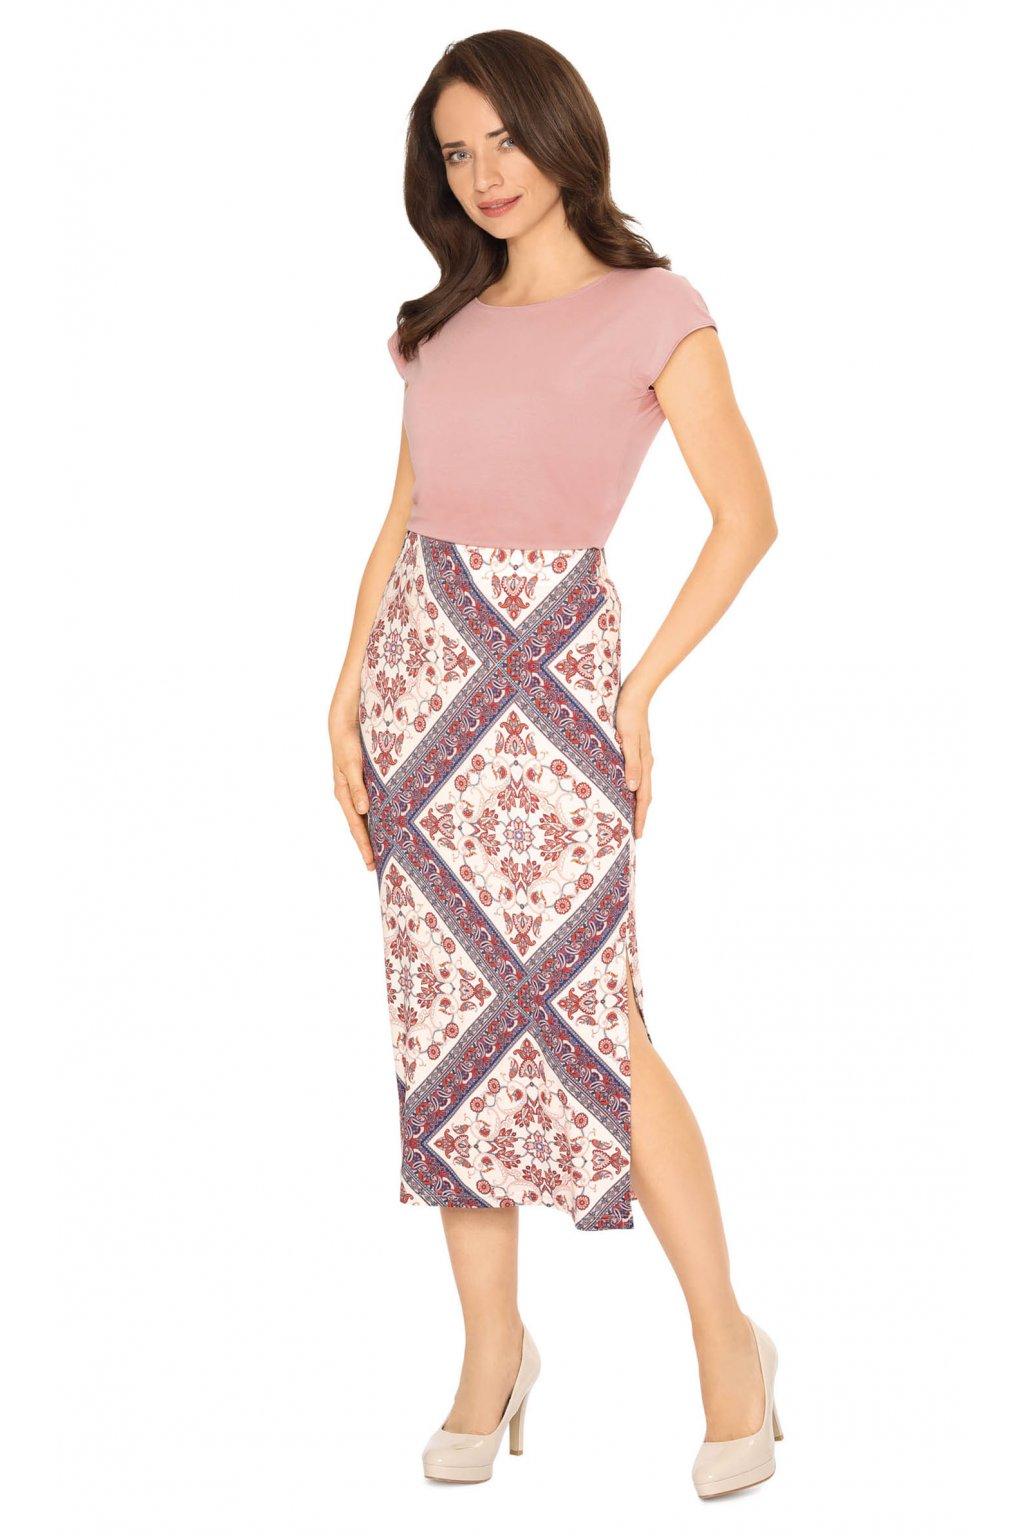 Dámská sukně, 105119 146, růžová